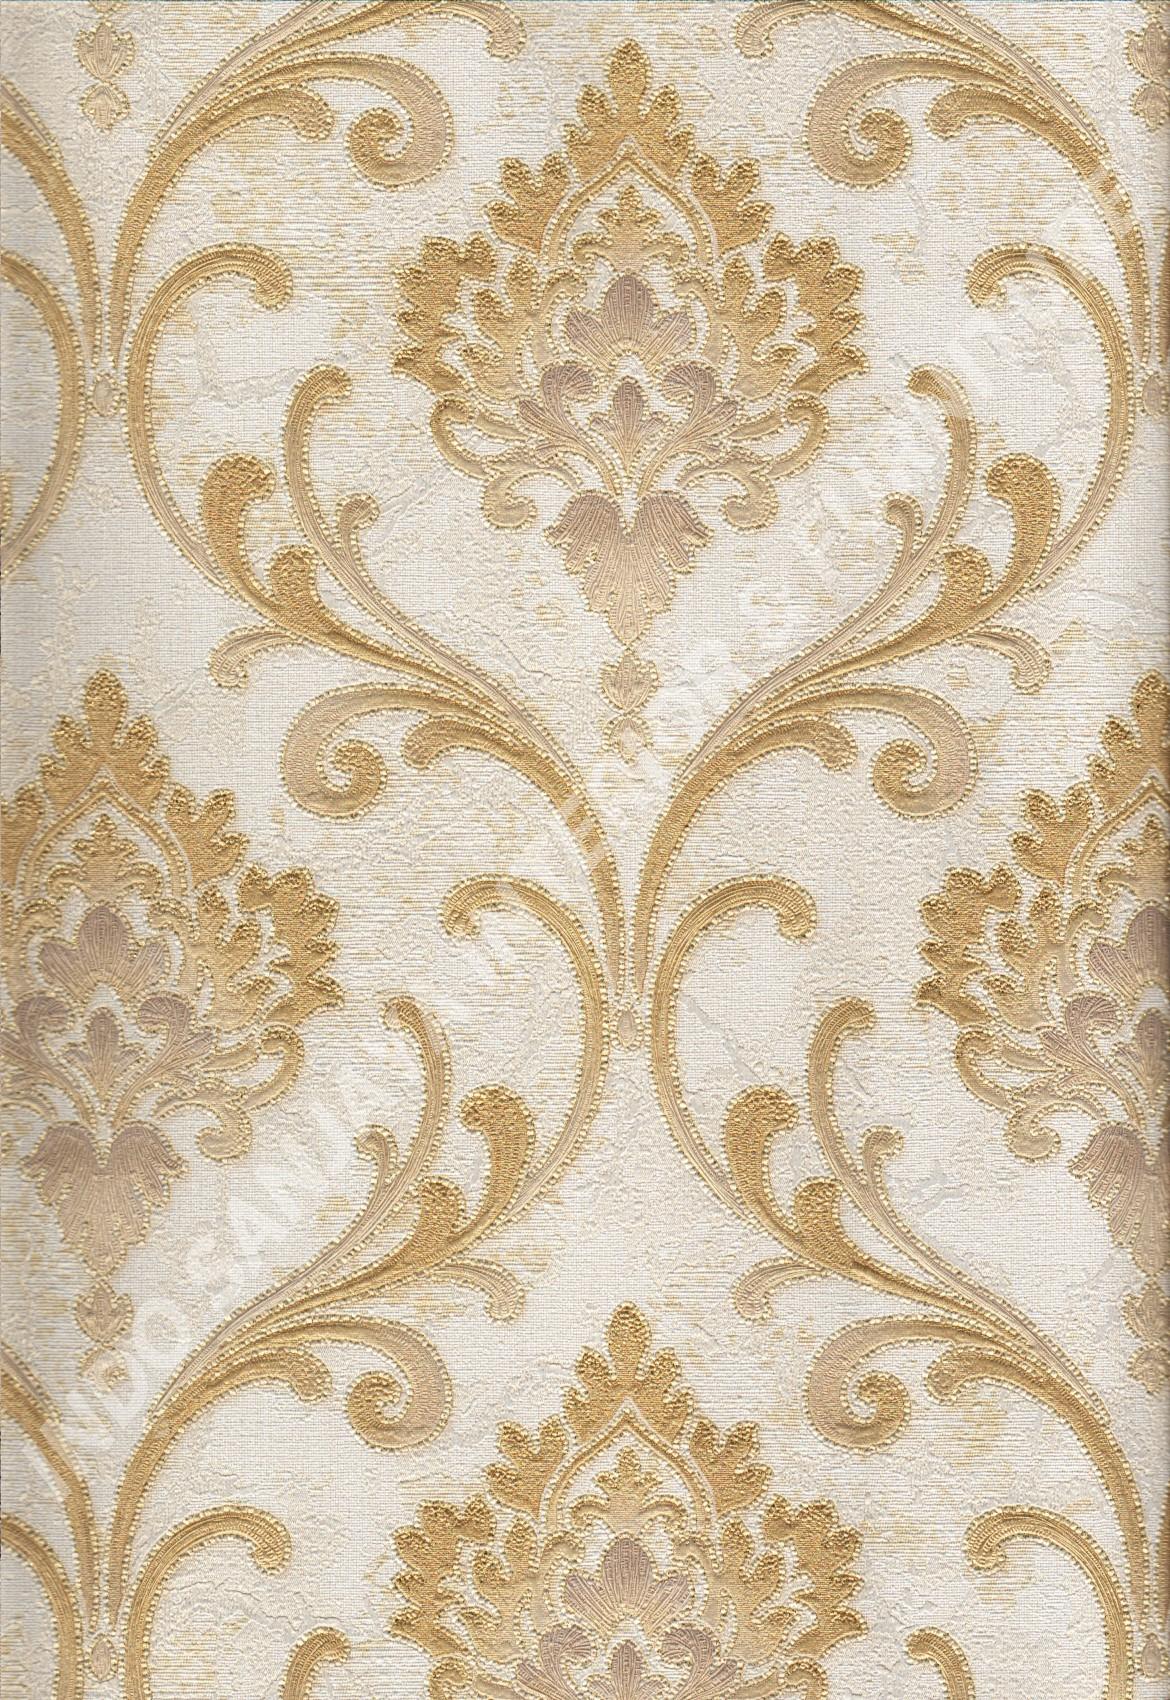 wallpaper   Wallpaper Klasik Batik (Damask) 81127-3:81127-3 corak  warna